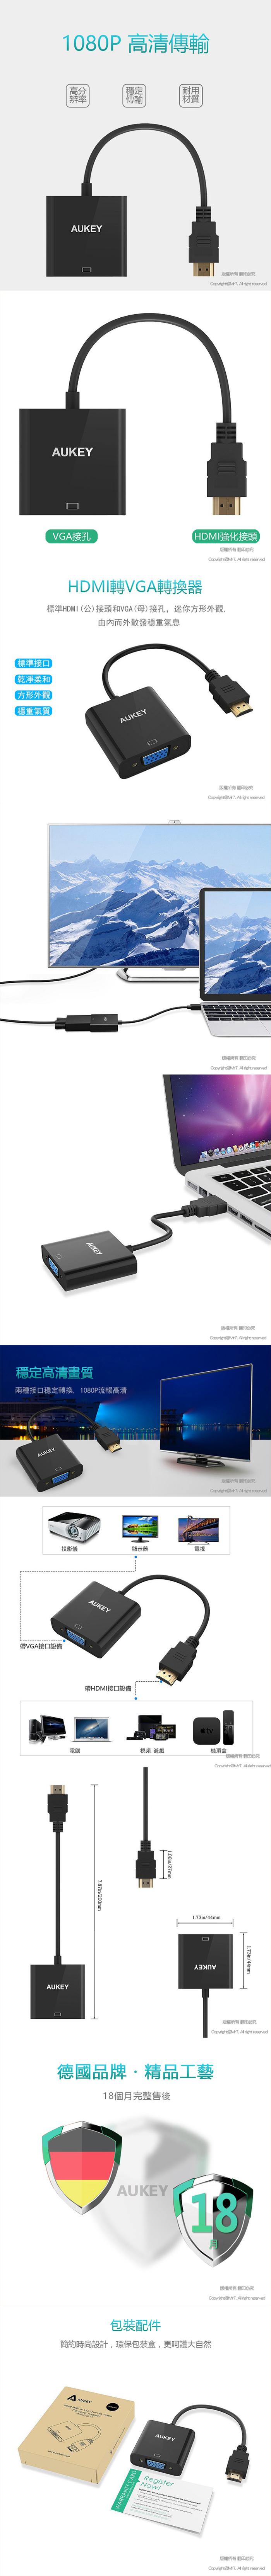 (複製)AUKEY|AUKEY CB-CD5  USB-C to USB-C 高速傳輸充電線1米 (黑)